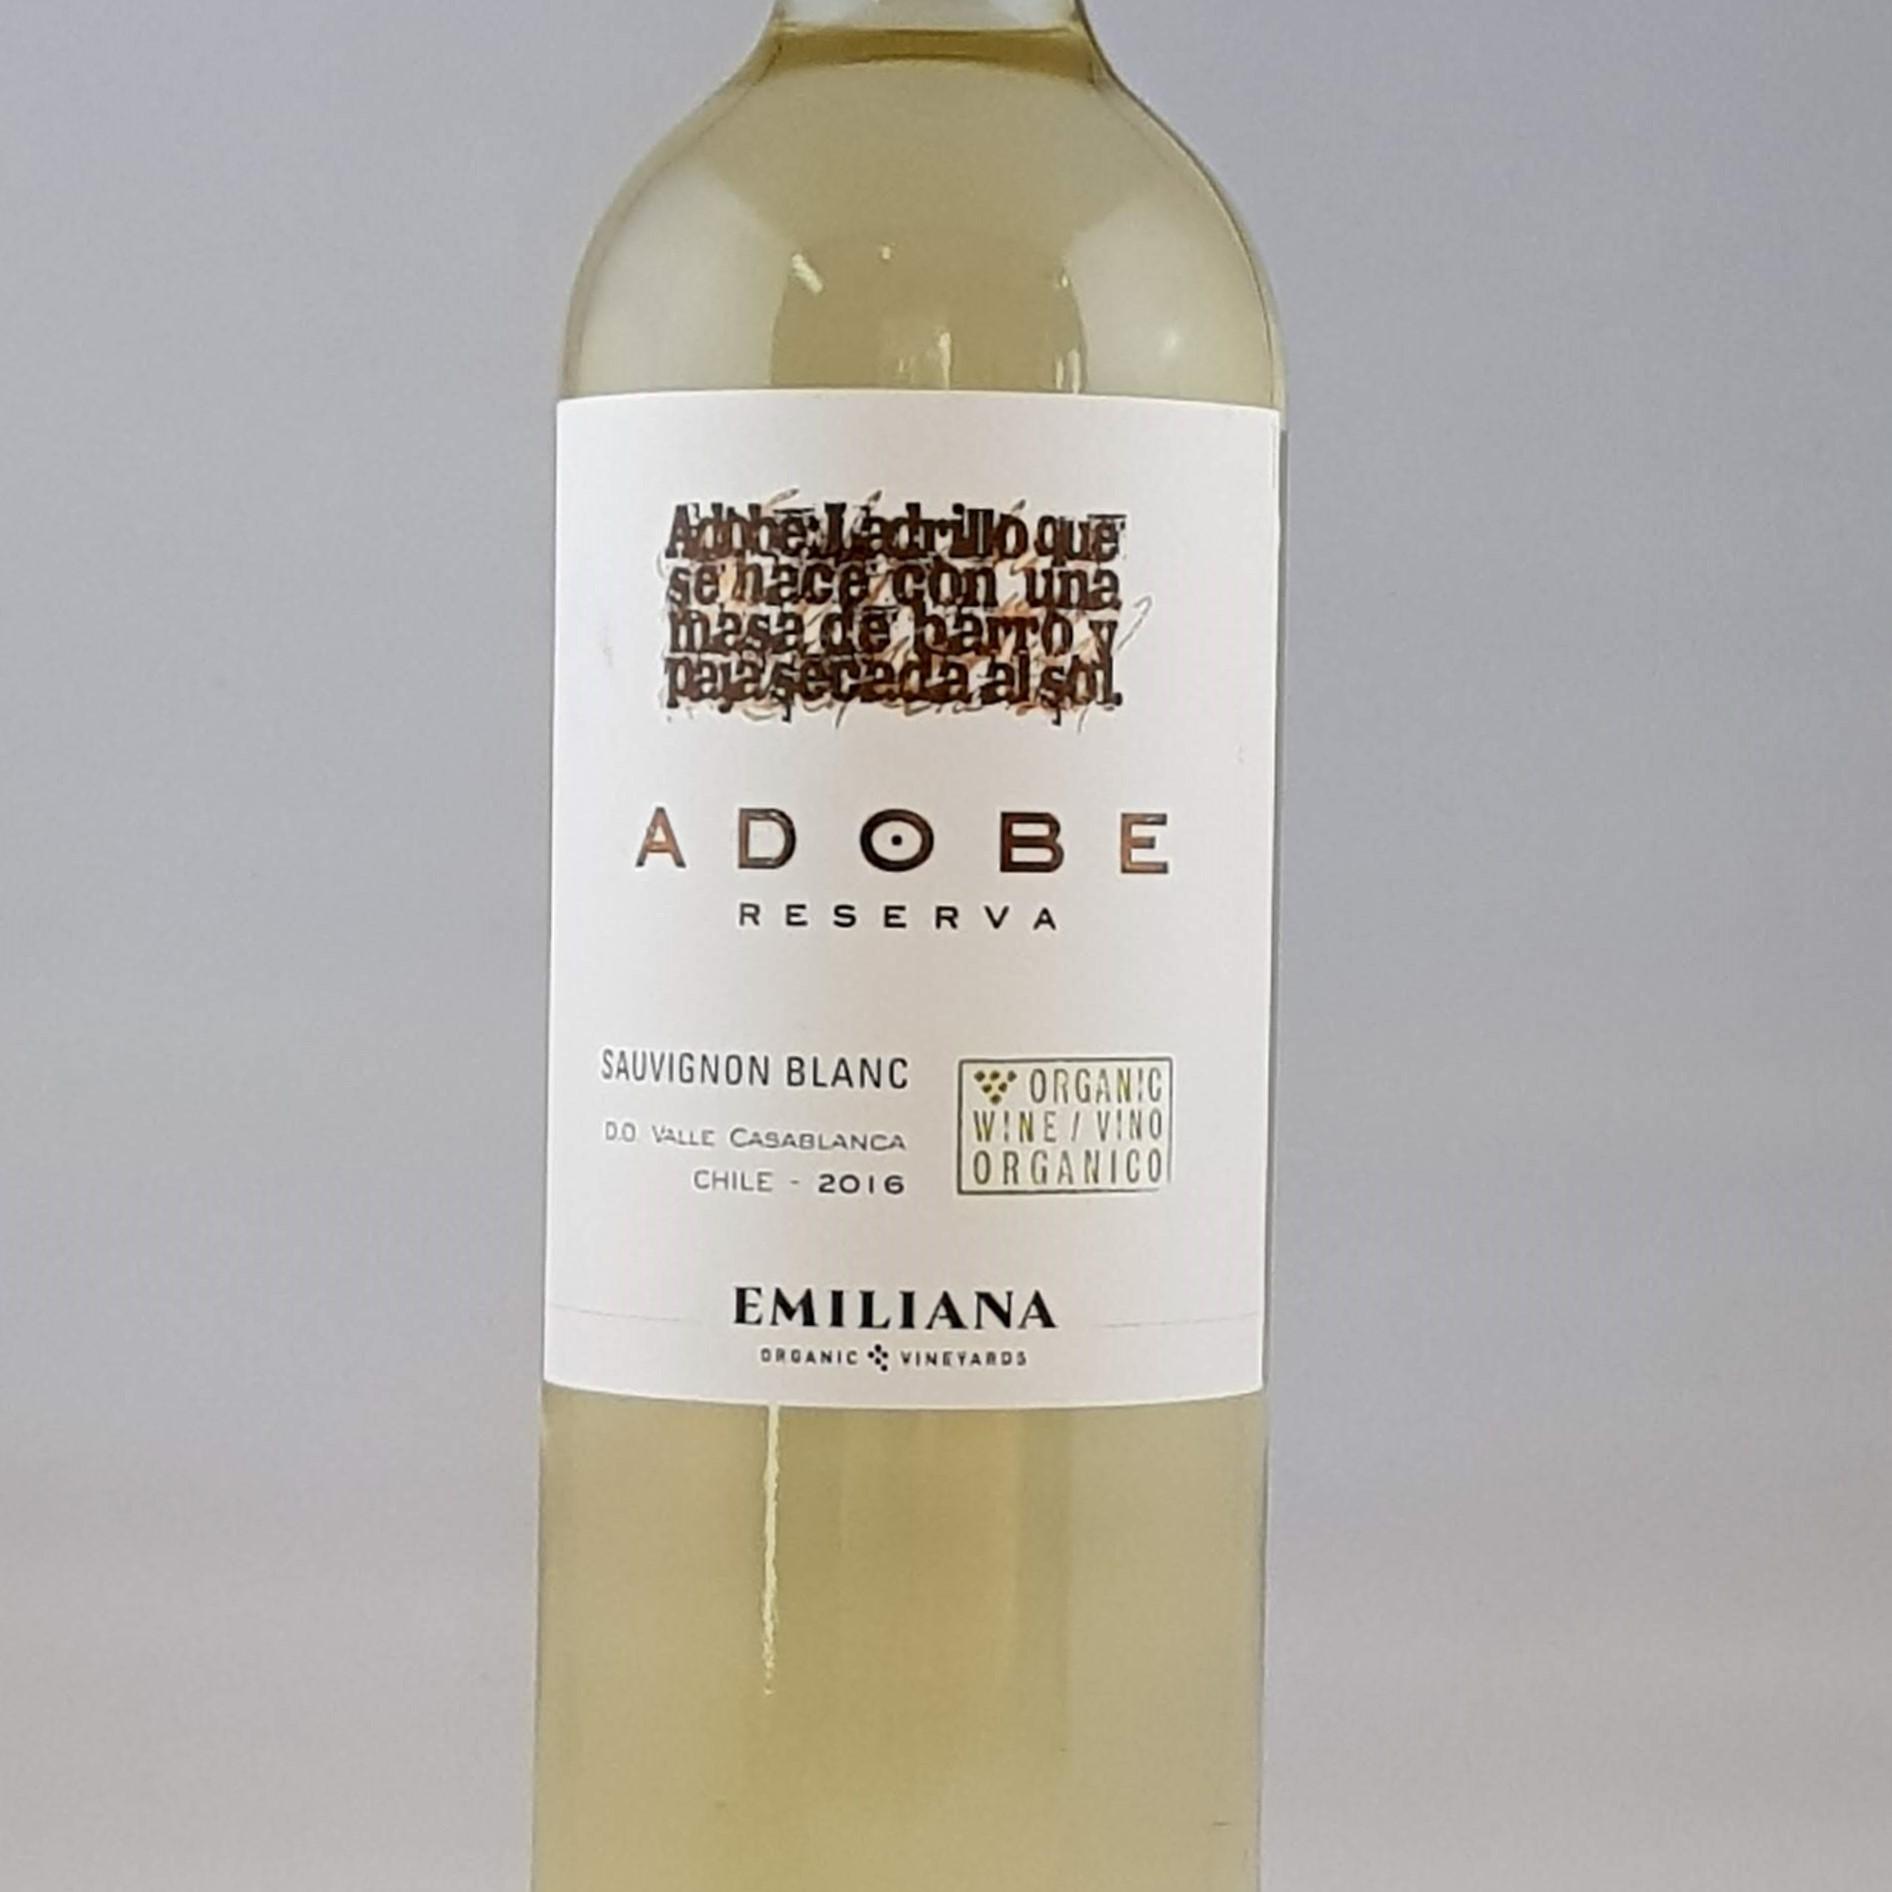 Adobe Sauvignon Blanc Reserva Wine